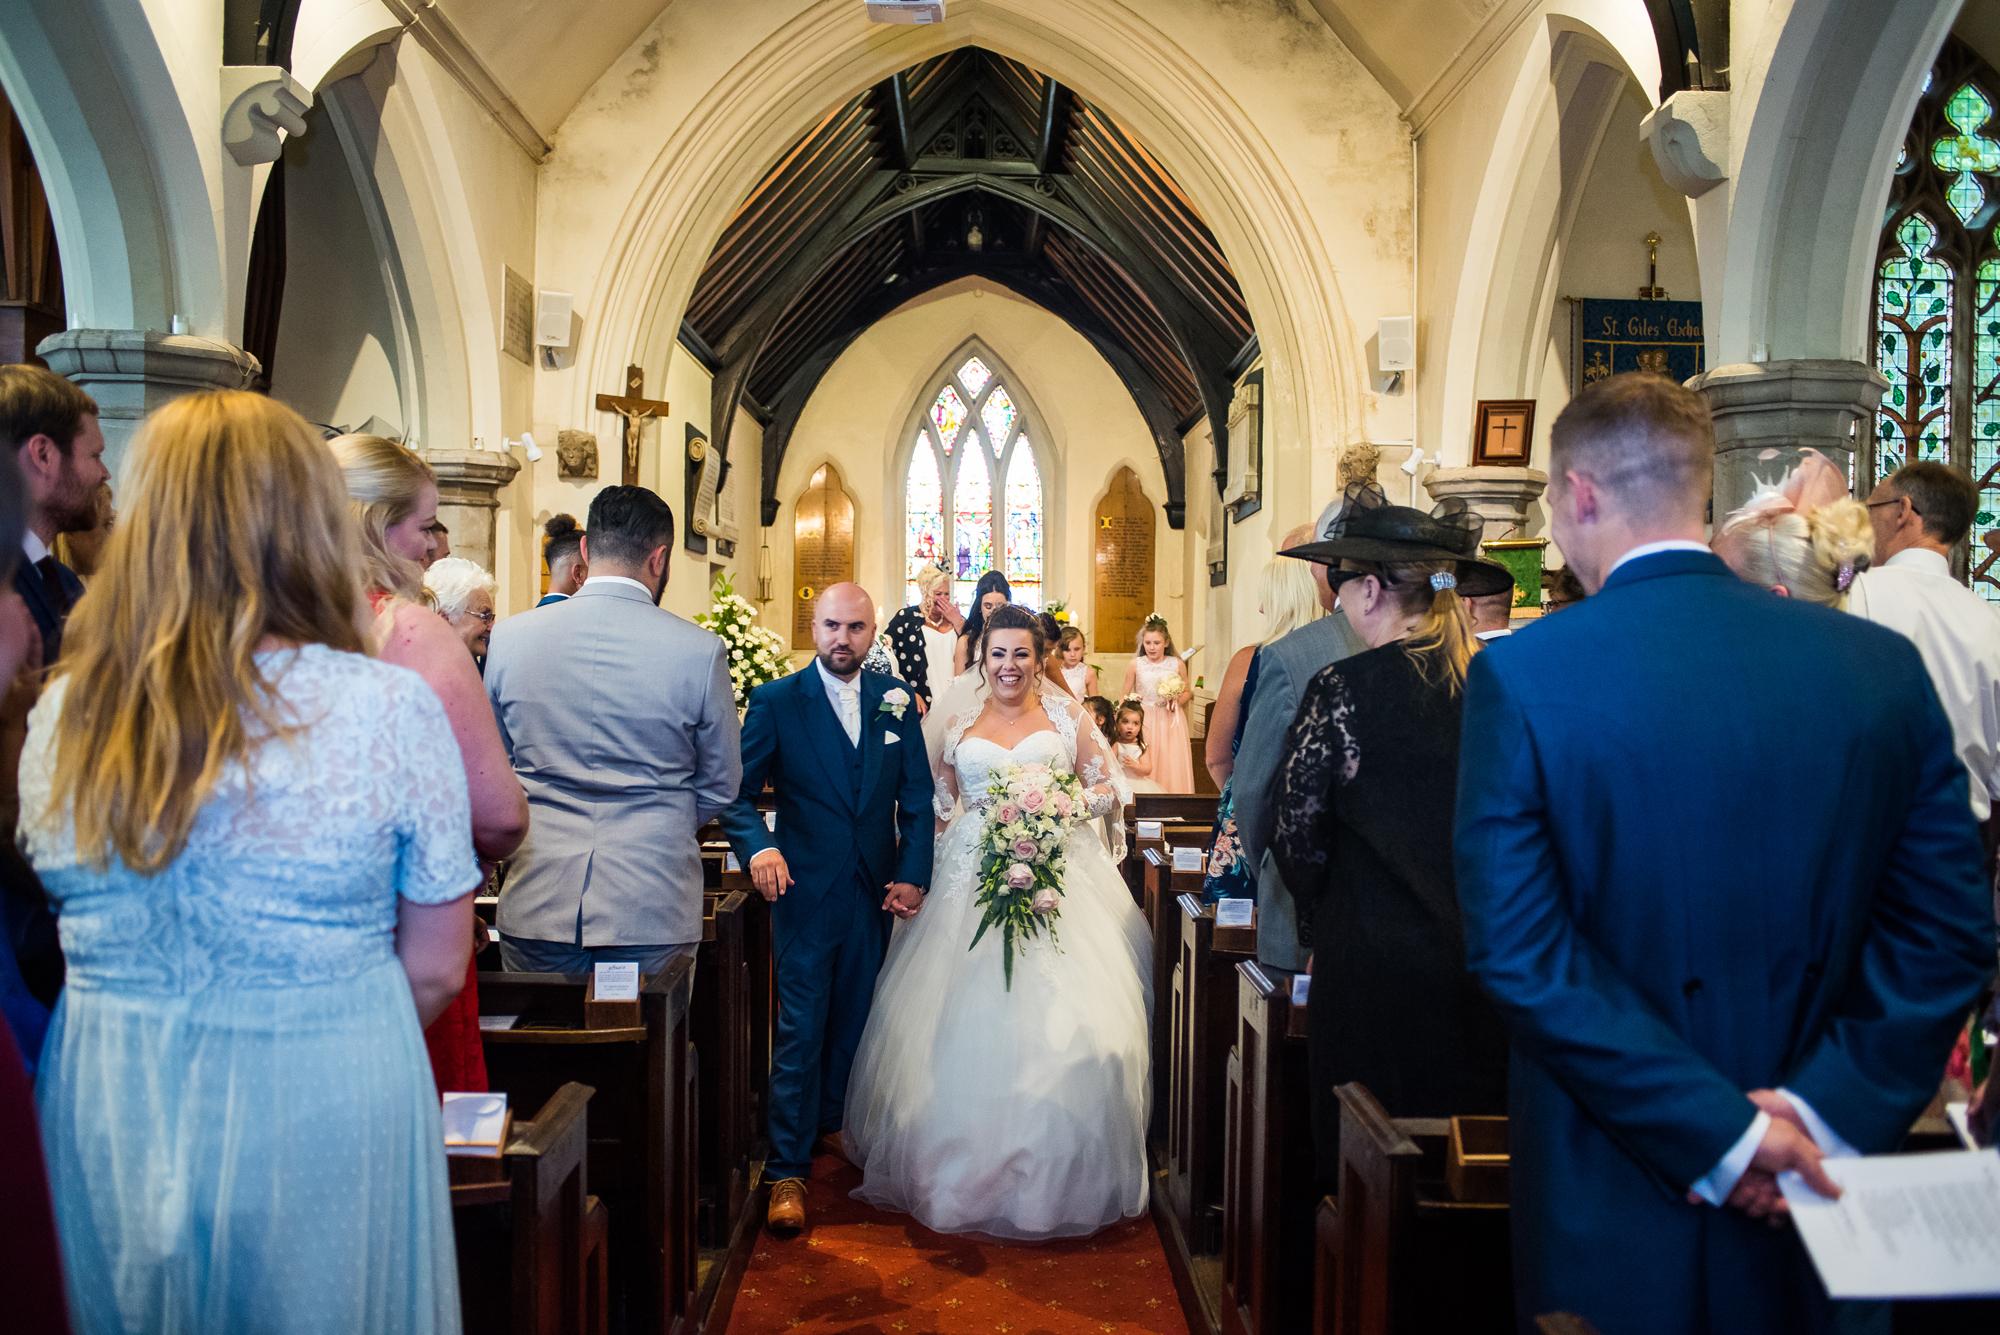 Roise and John wedding photos (149 of 383).jpg